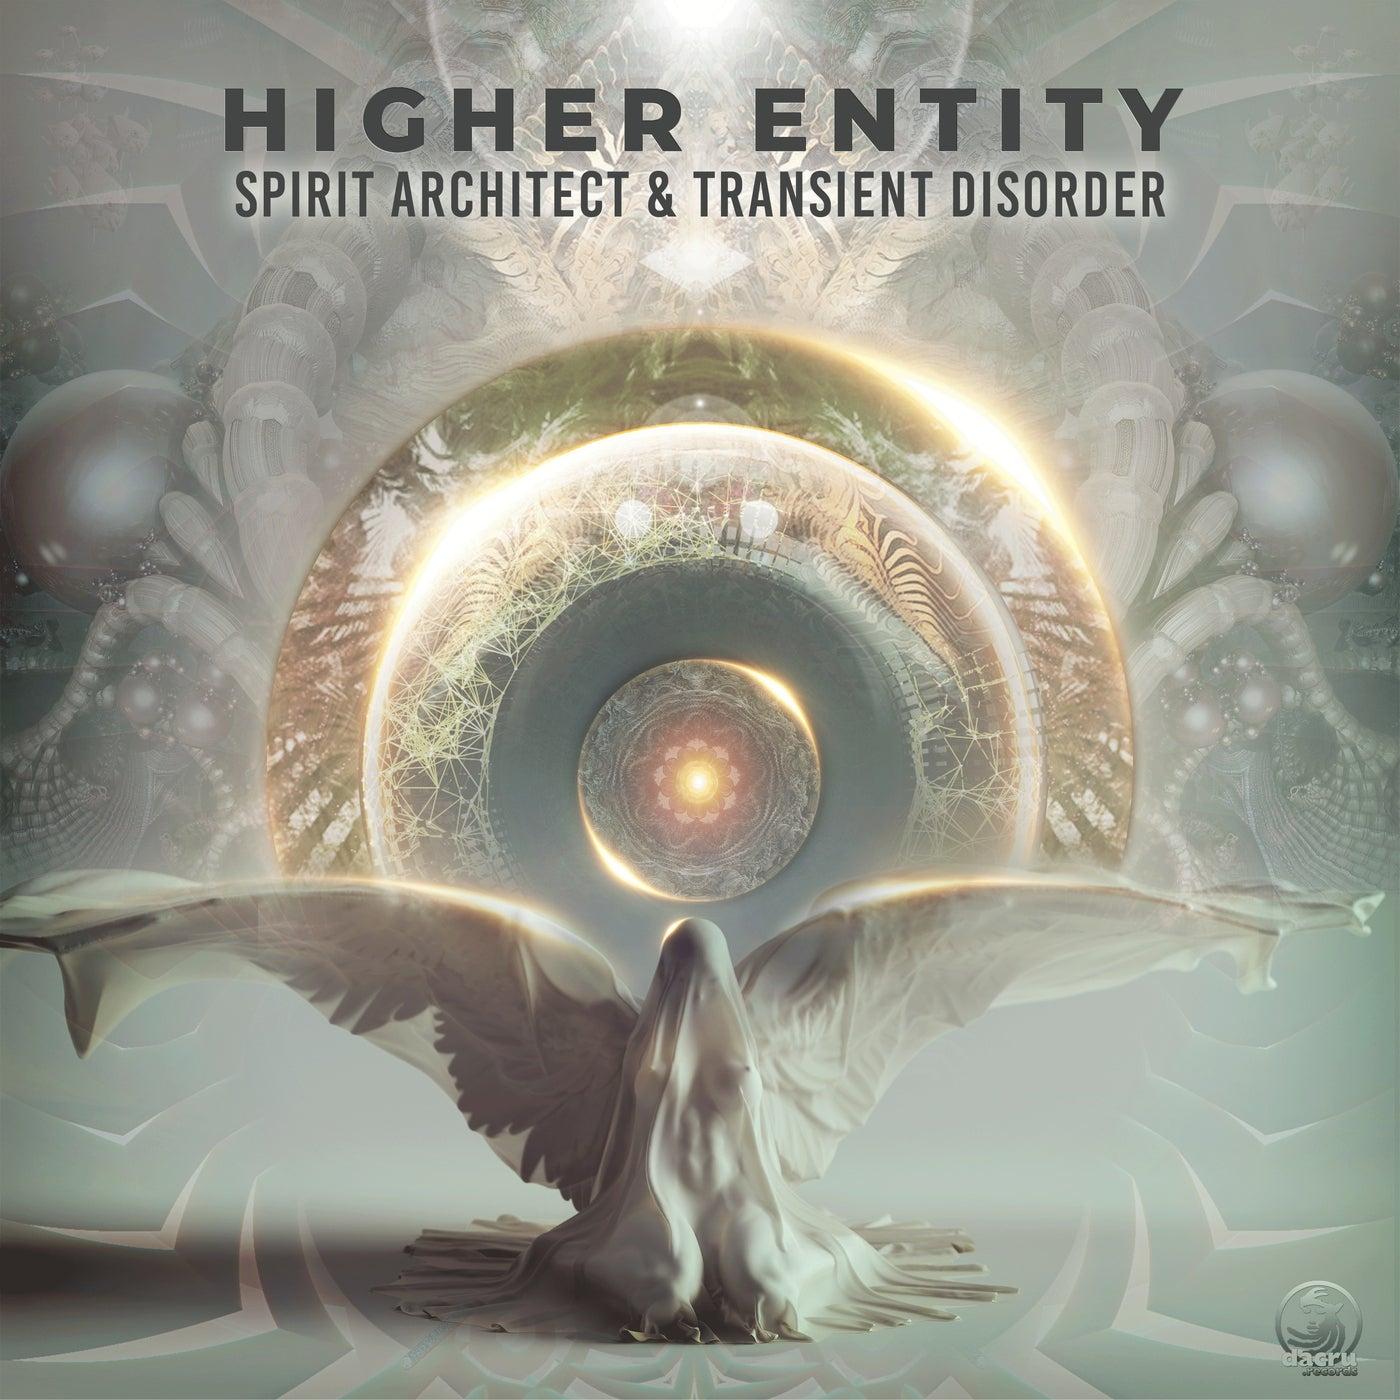 Higher Entity (Original Mix)